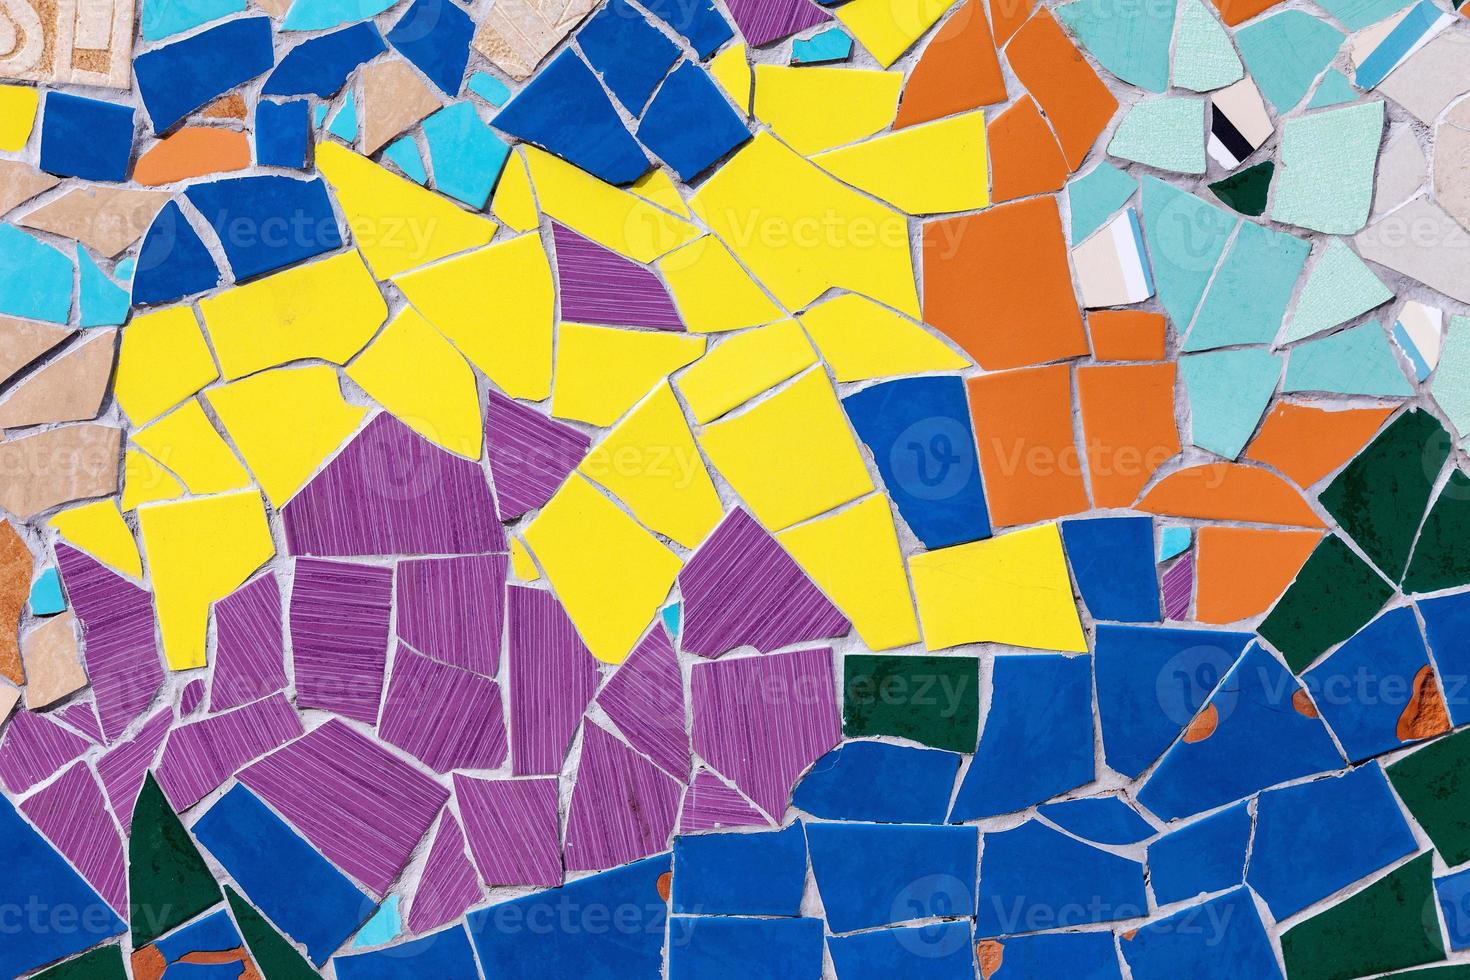 patrón de composición de mosaico de azulejos de colores de vidrio cerámico foto